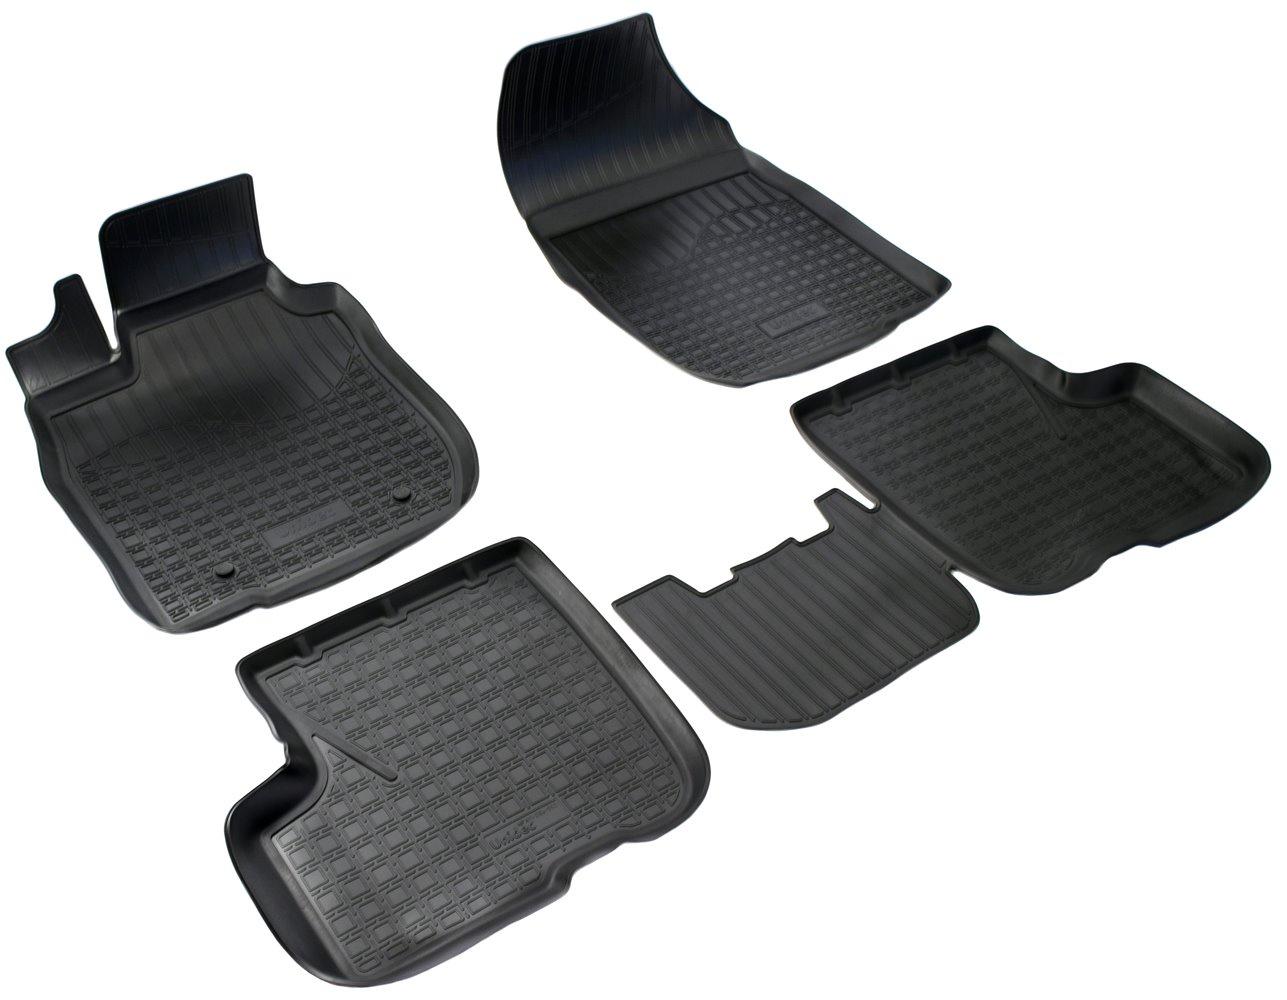 Коврики салона Norplast для VAZ Largus BO 2012, NPA11-C94-550, черный коврик в багажник lada largus 7 мест 2012